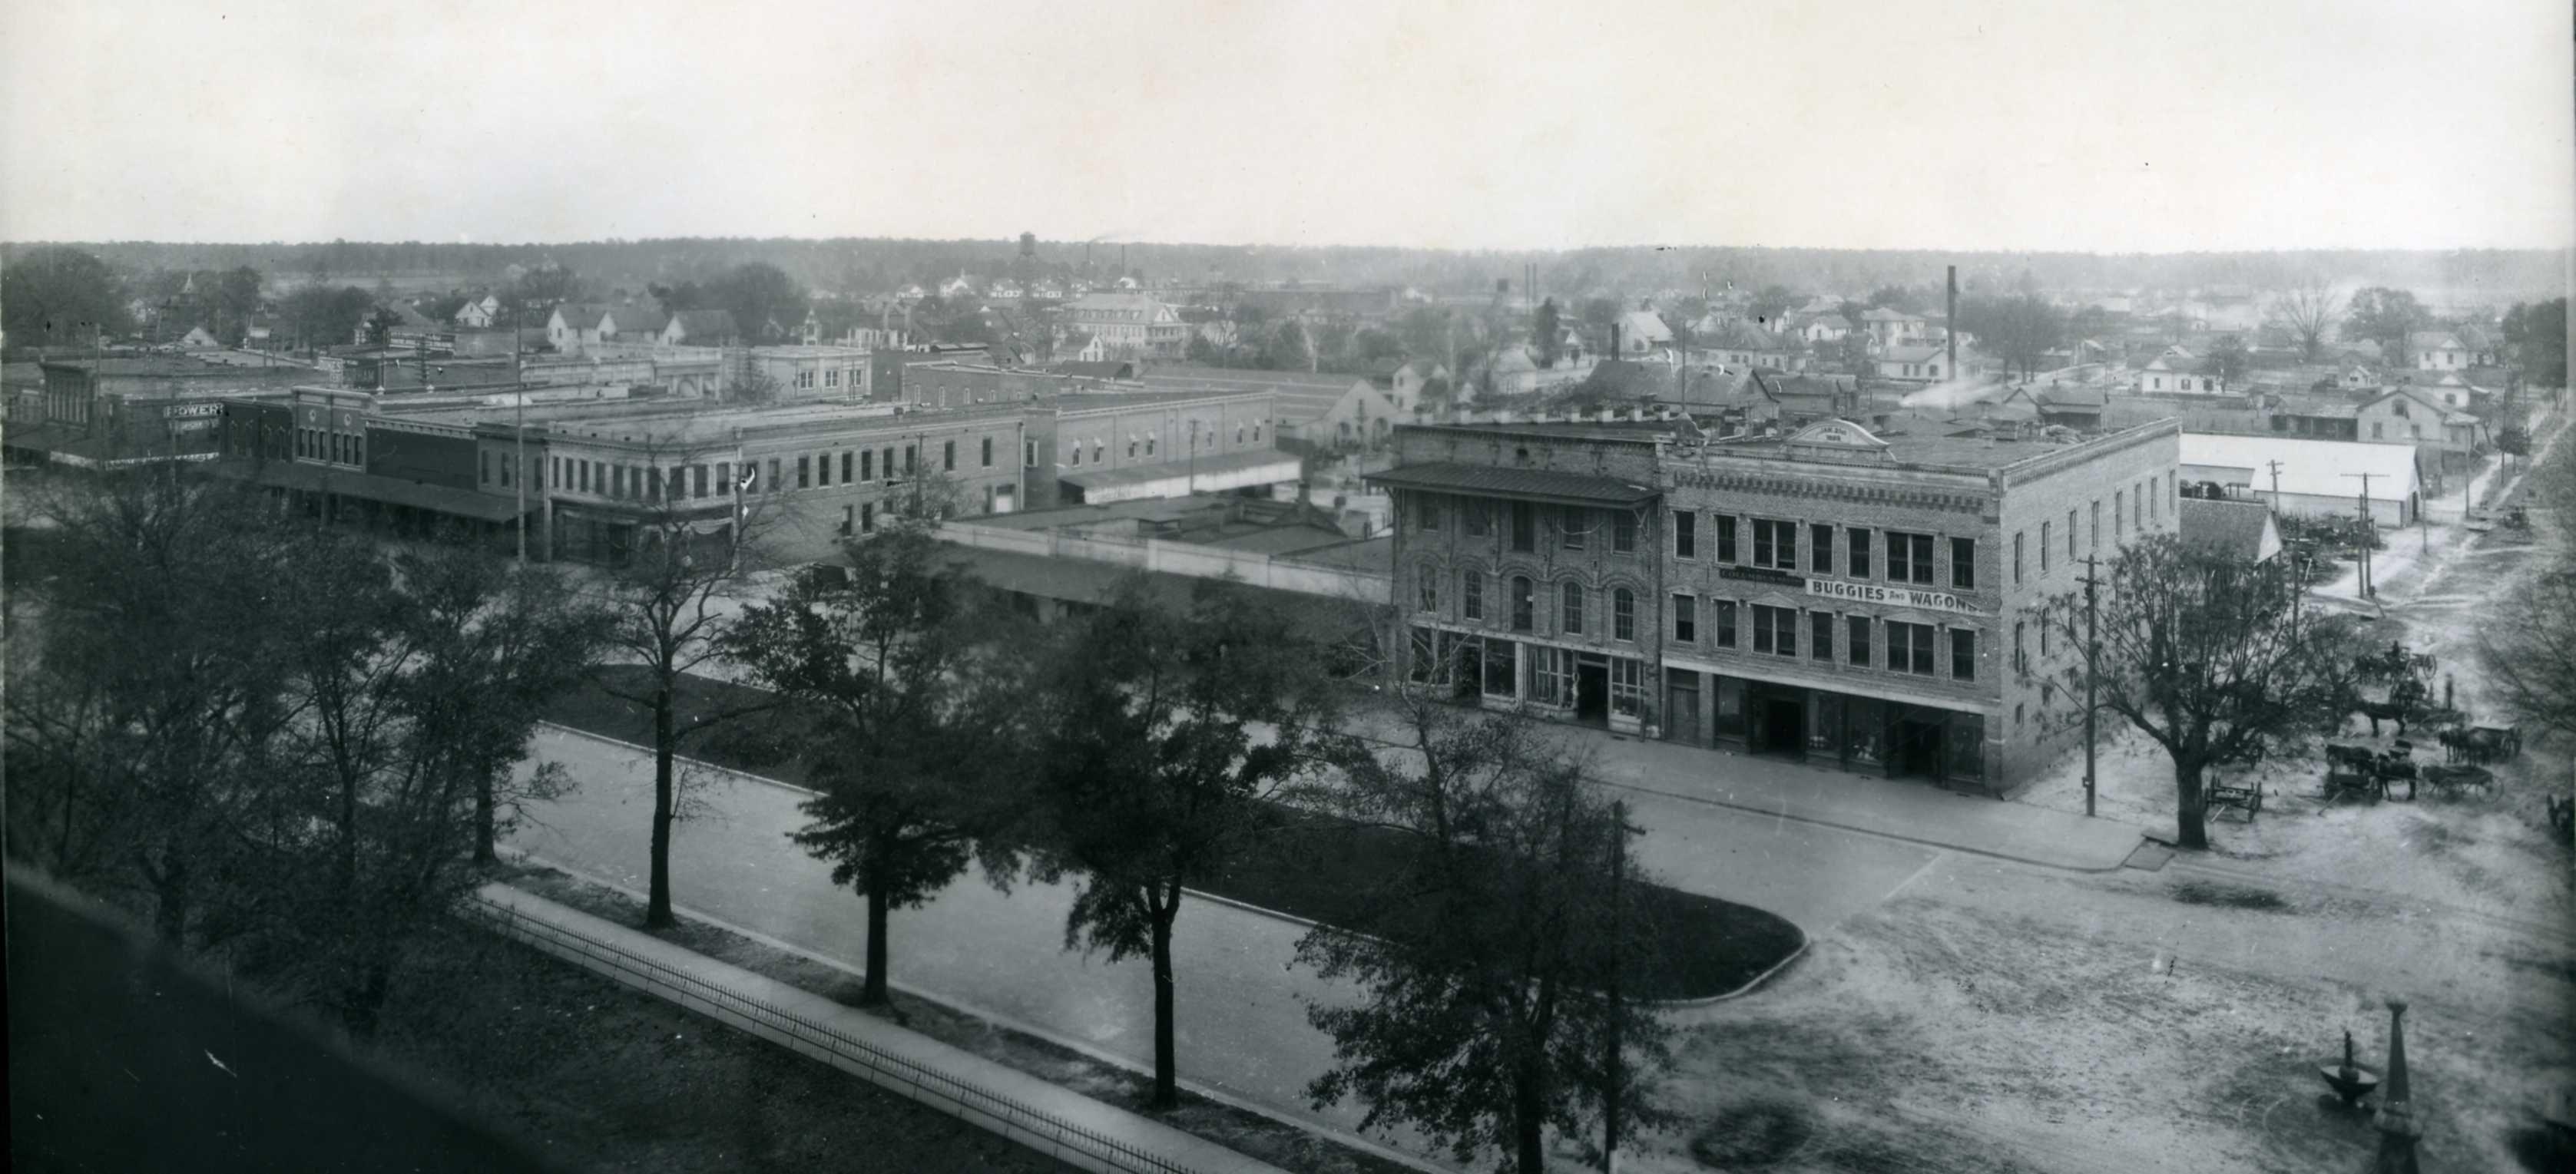 View of downtown quitman ga